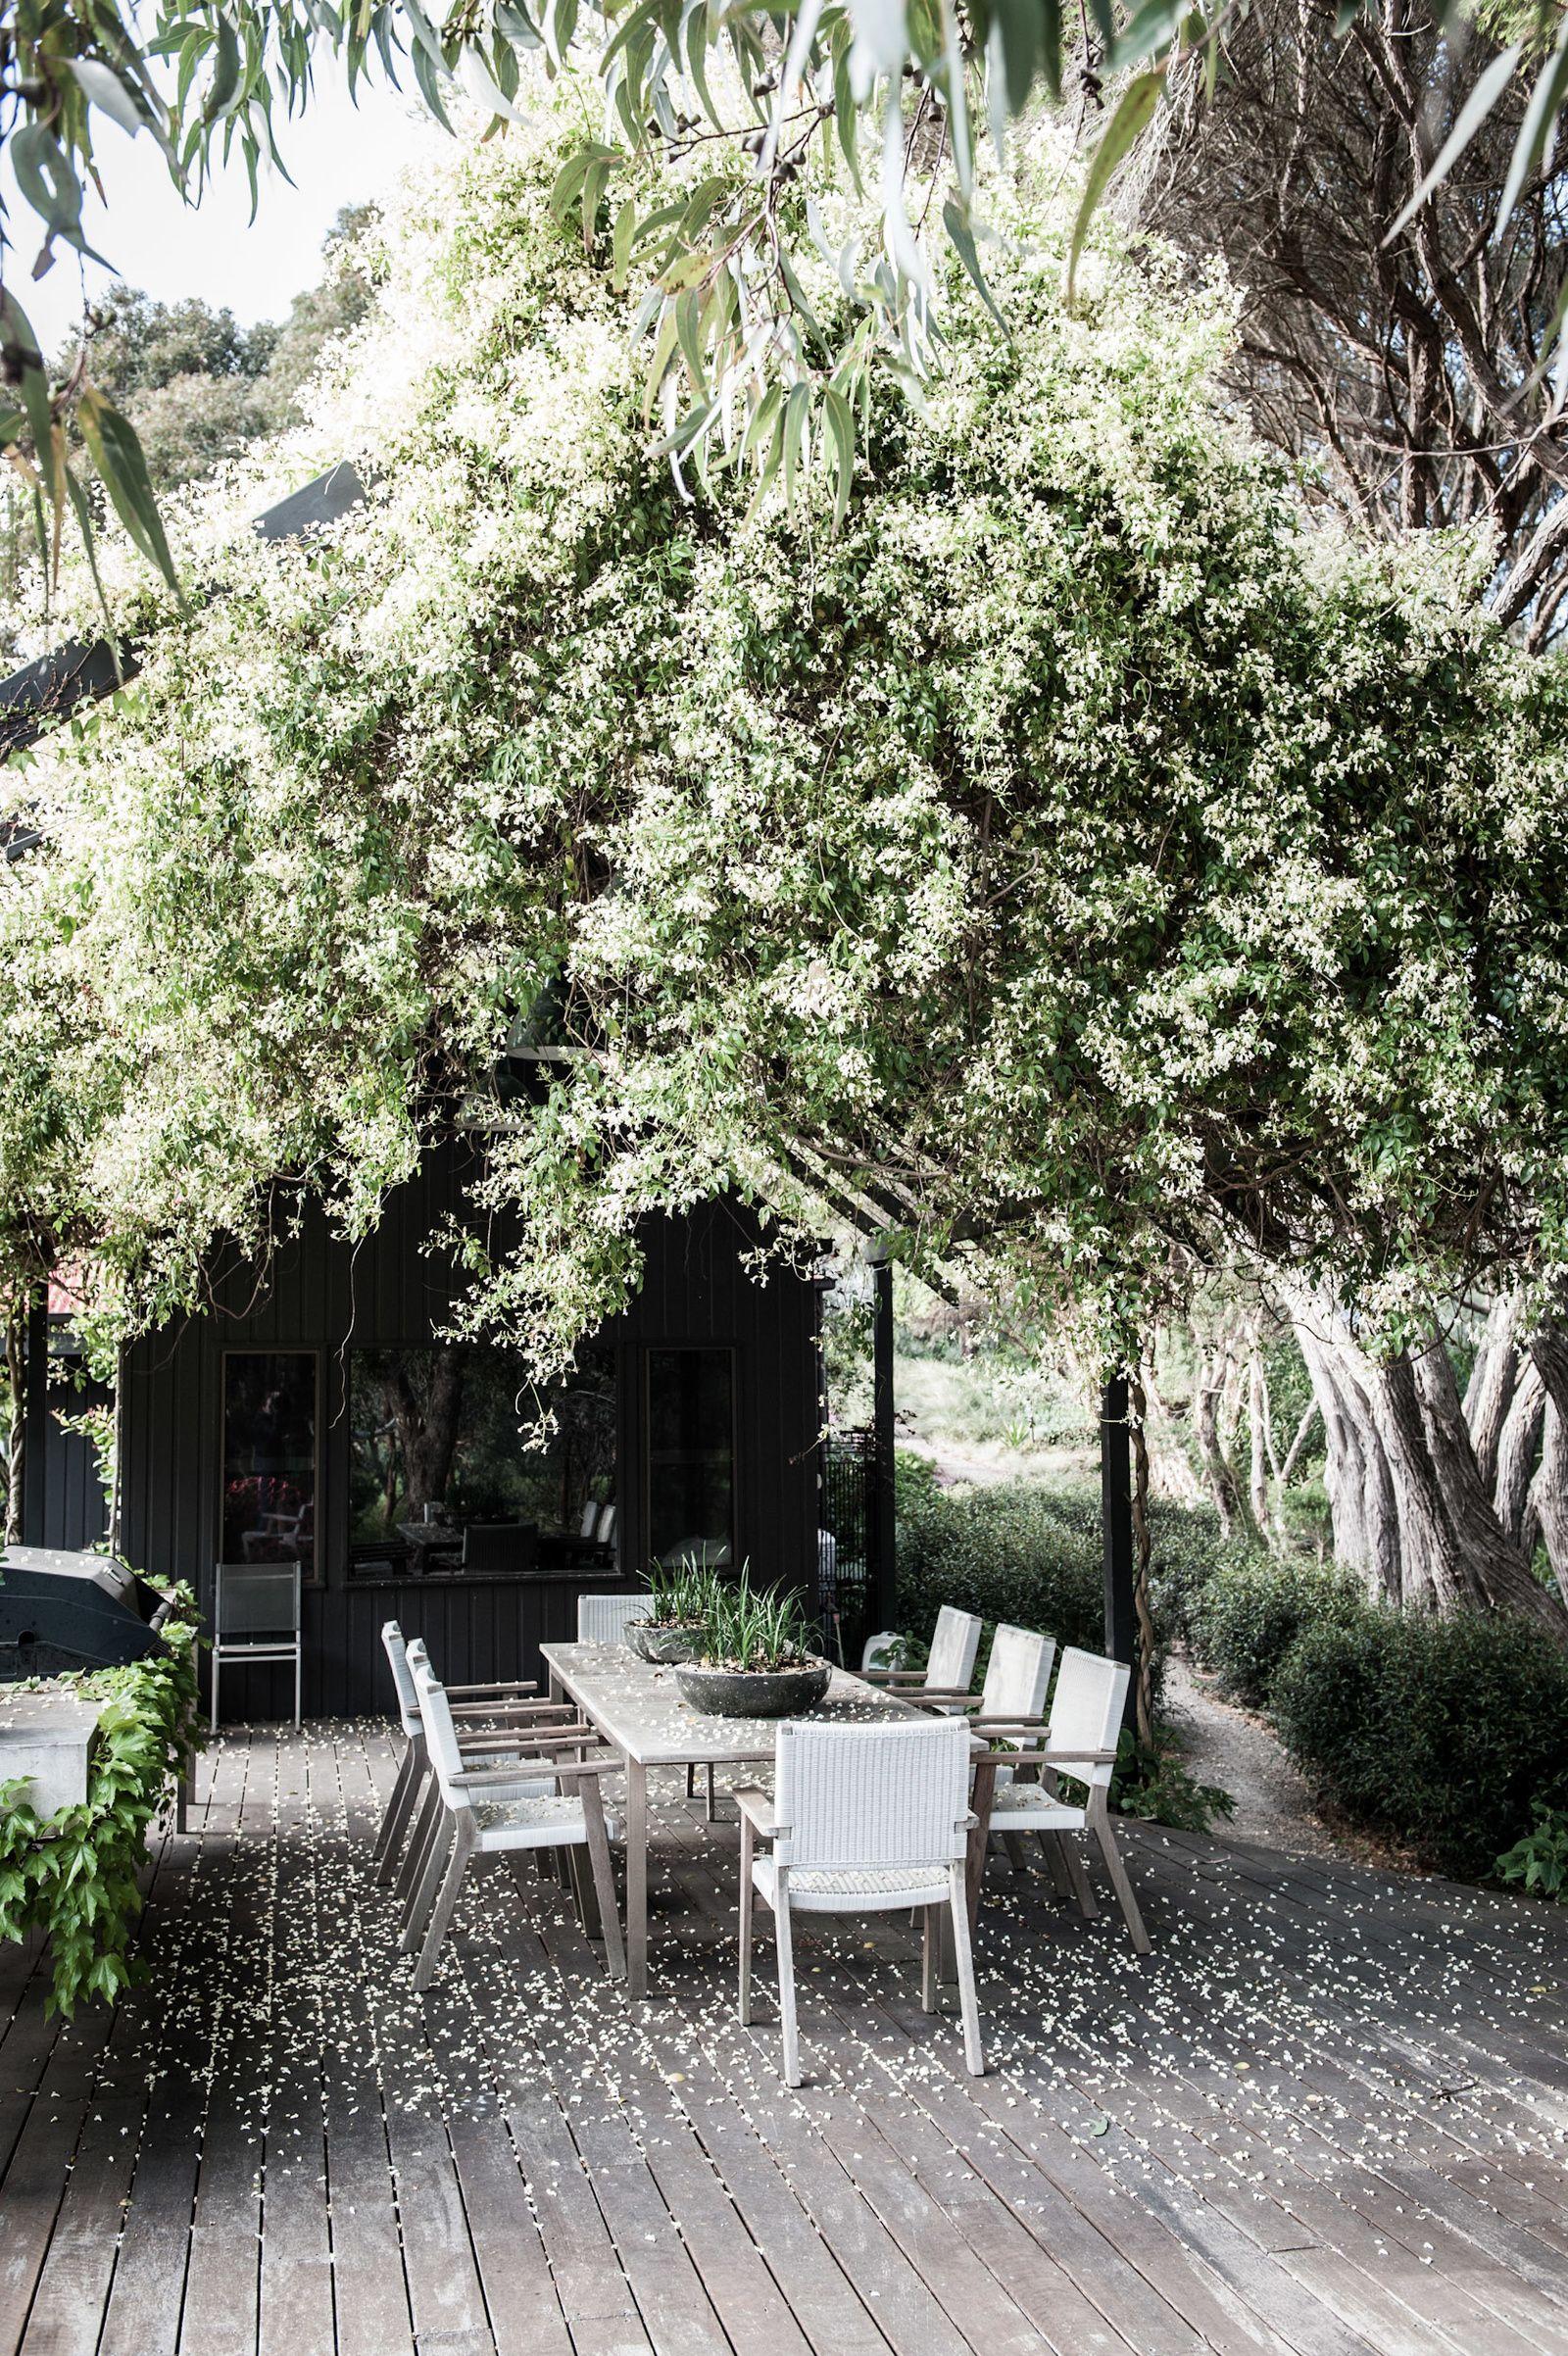 astounding garden seating ideas native design | Alison Hoelzer Photography - Gardens | Australian native ...